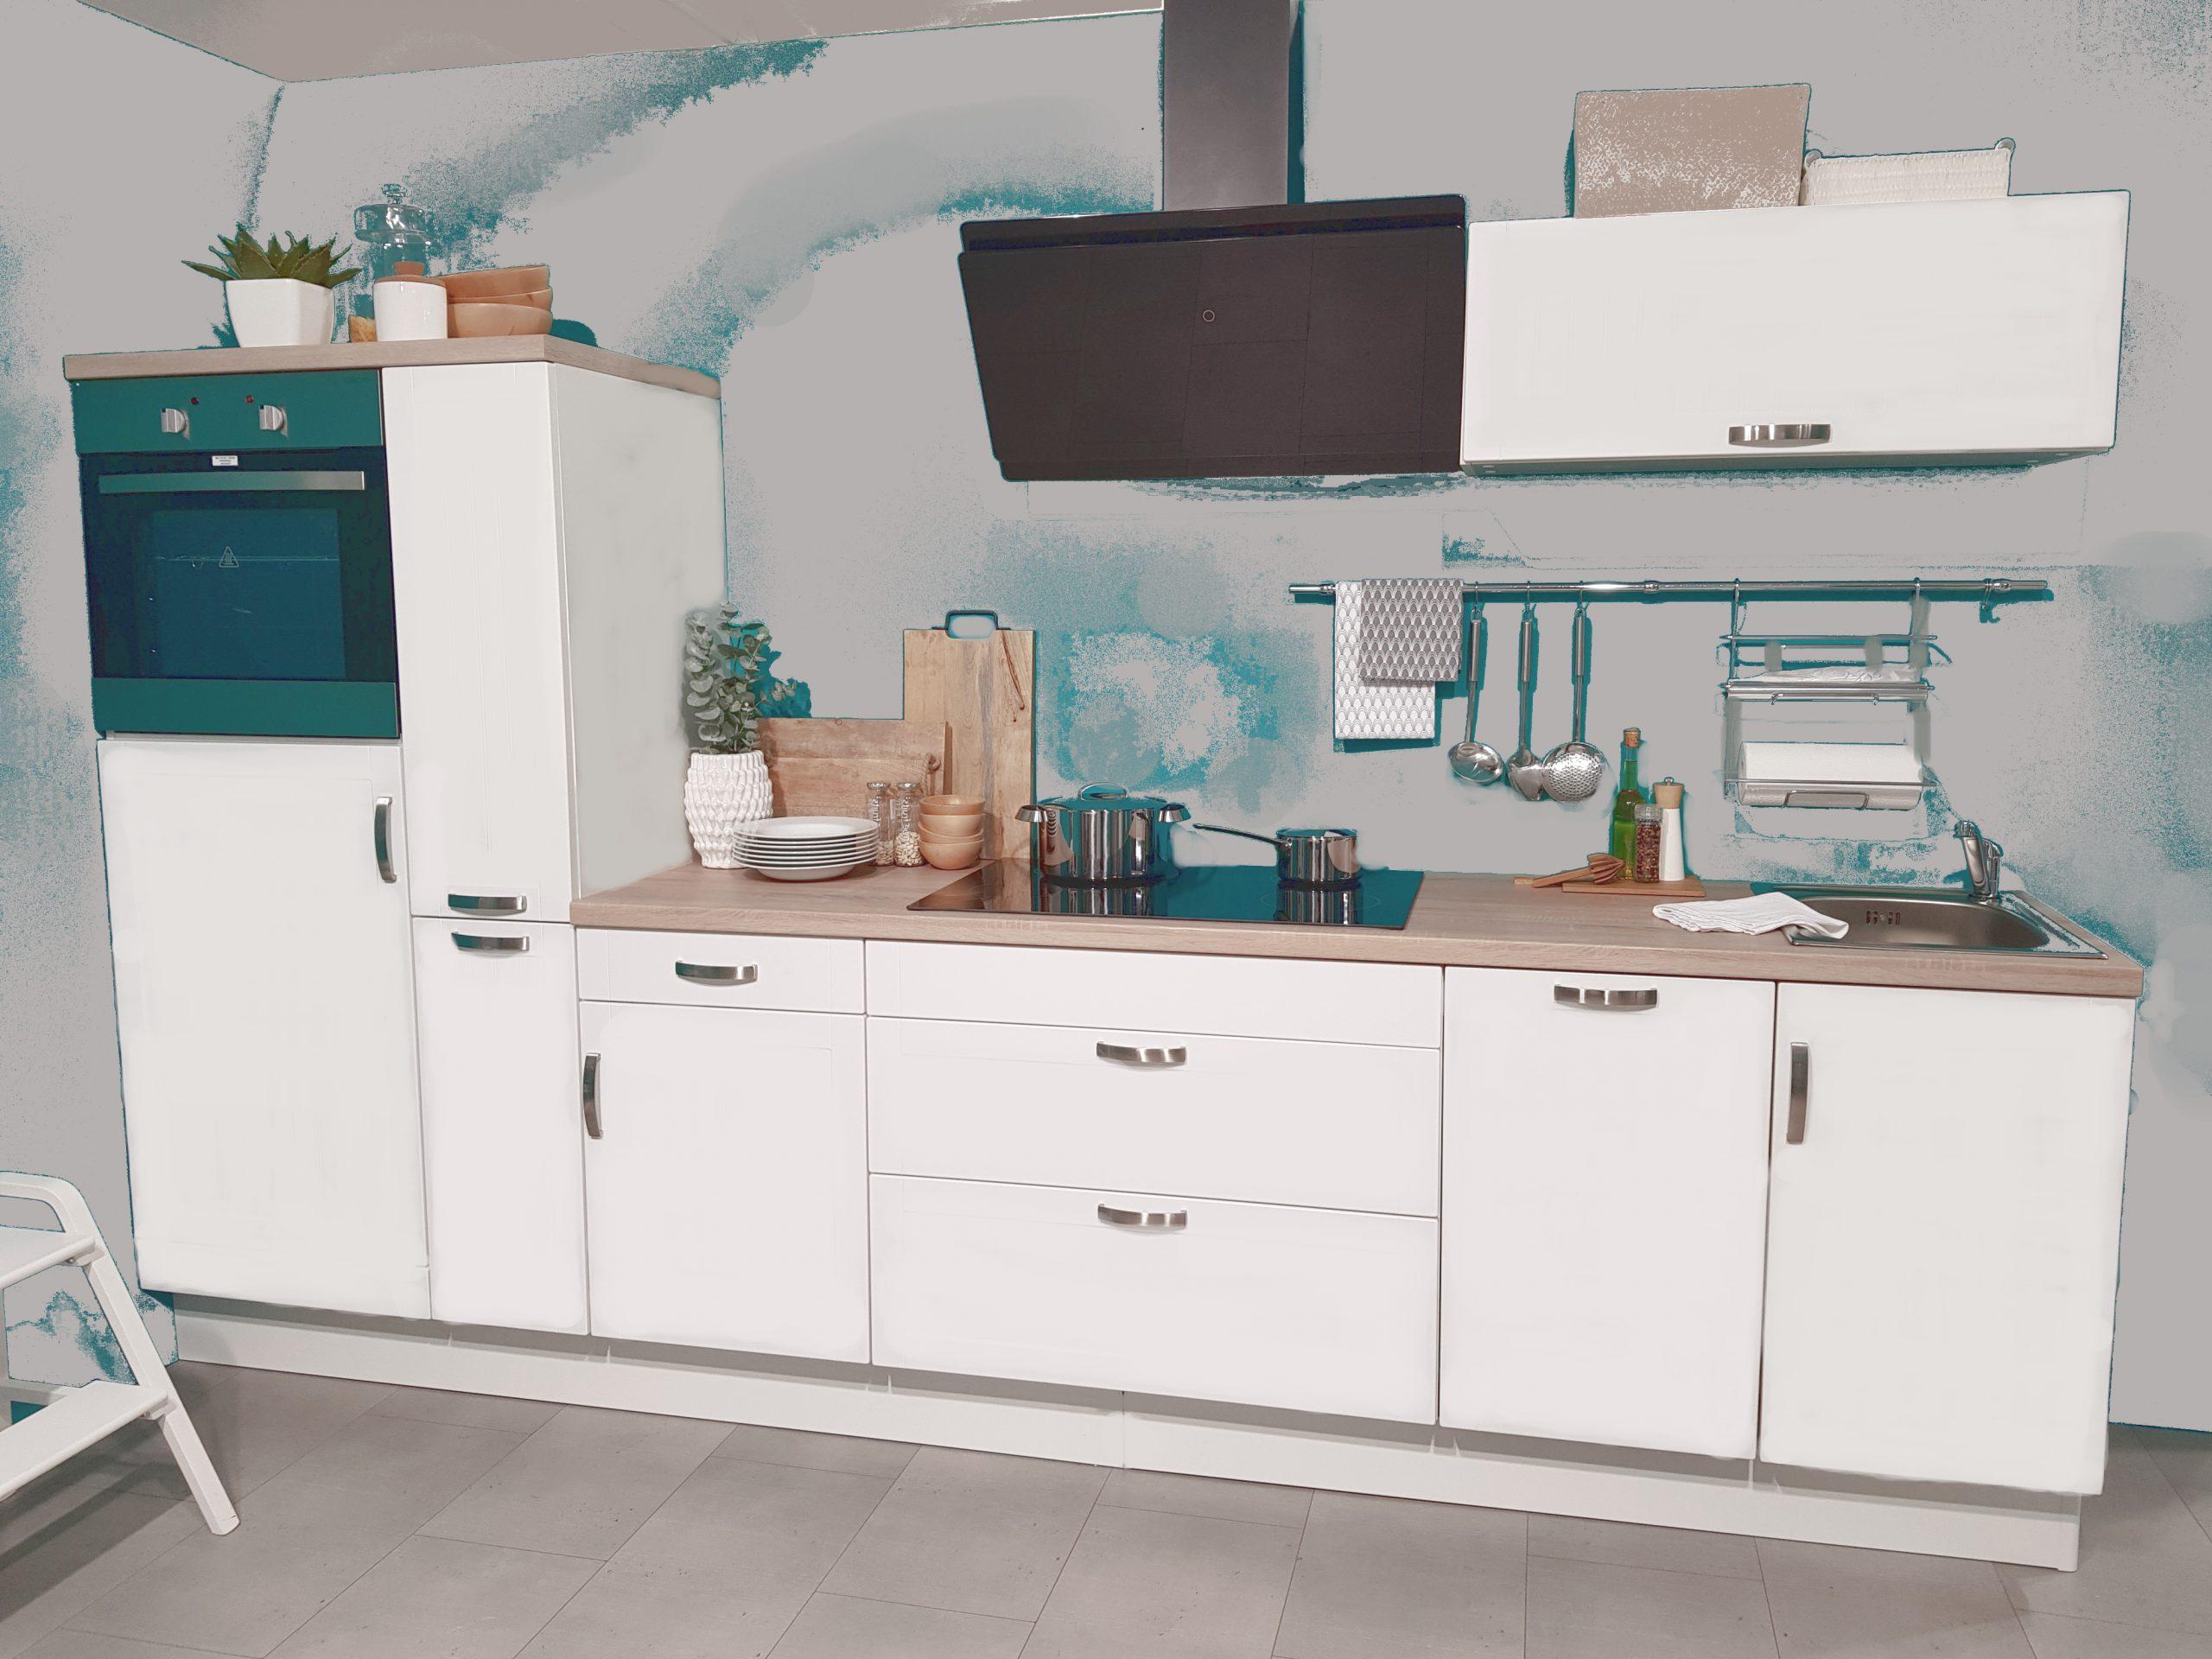 Full Size of Respekta Küche Küchenzeile Küchenblock Einbauküche Komplettküche Weiß 320 Cm Willhaben Komplettküche Komplettküche Mit Geräten Günstig Miele Komplettküche Küche Komplettküche